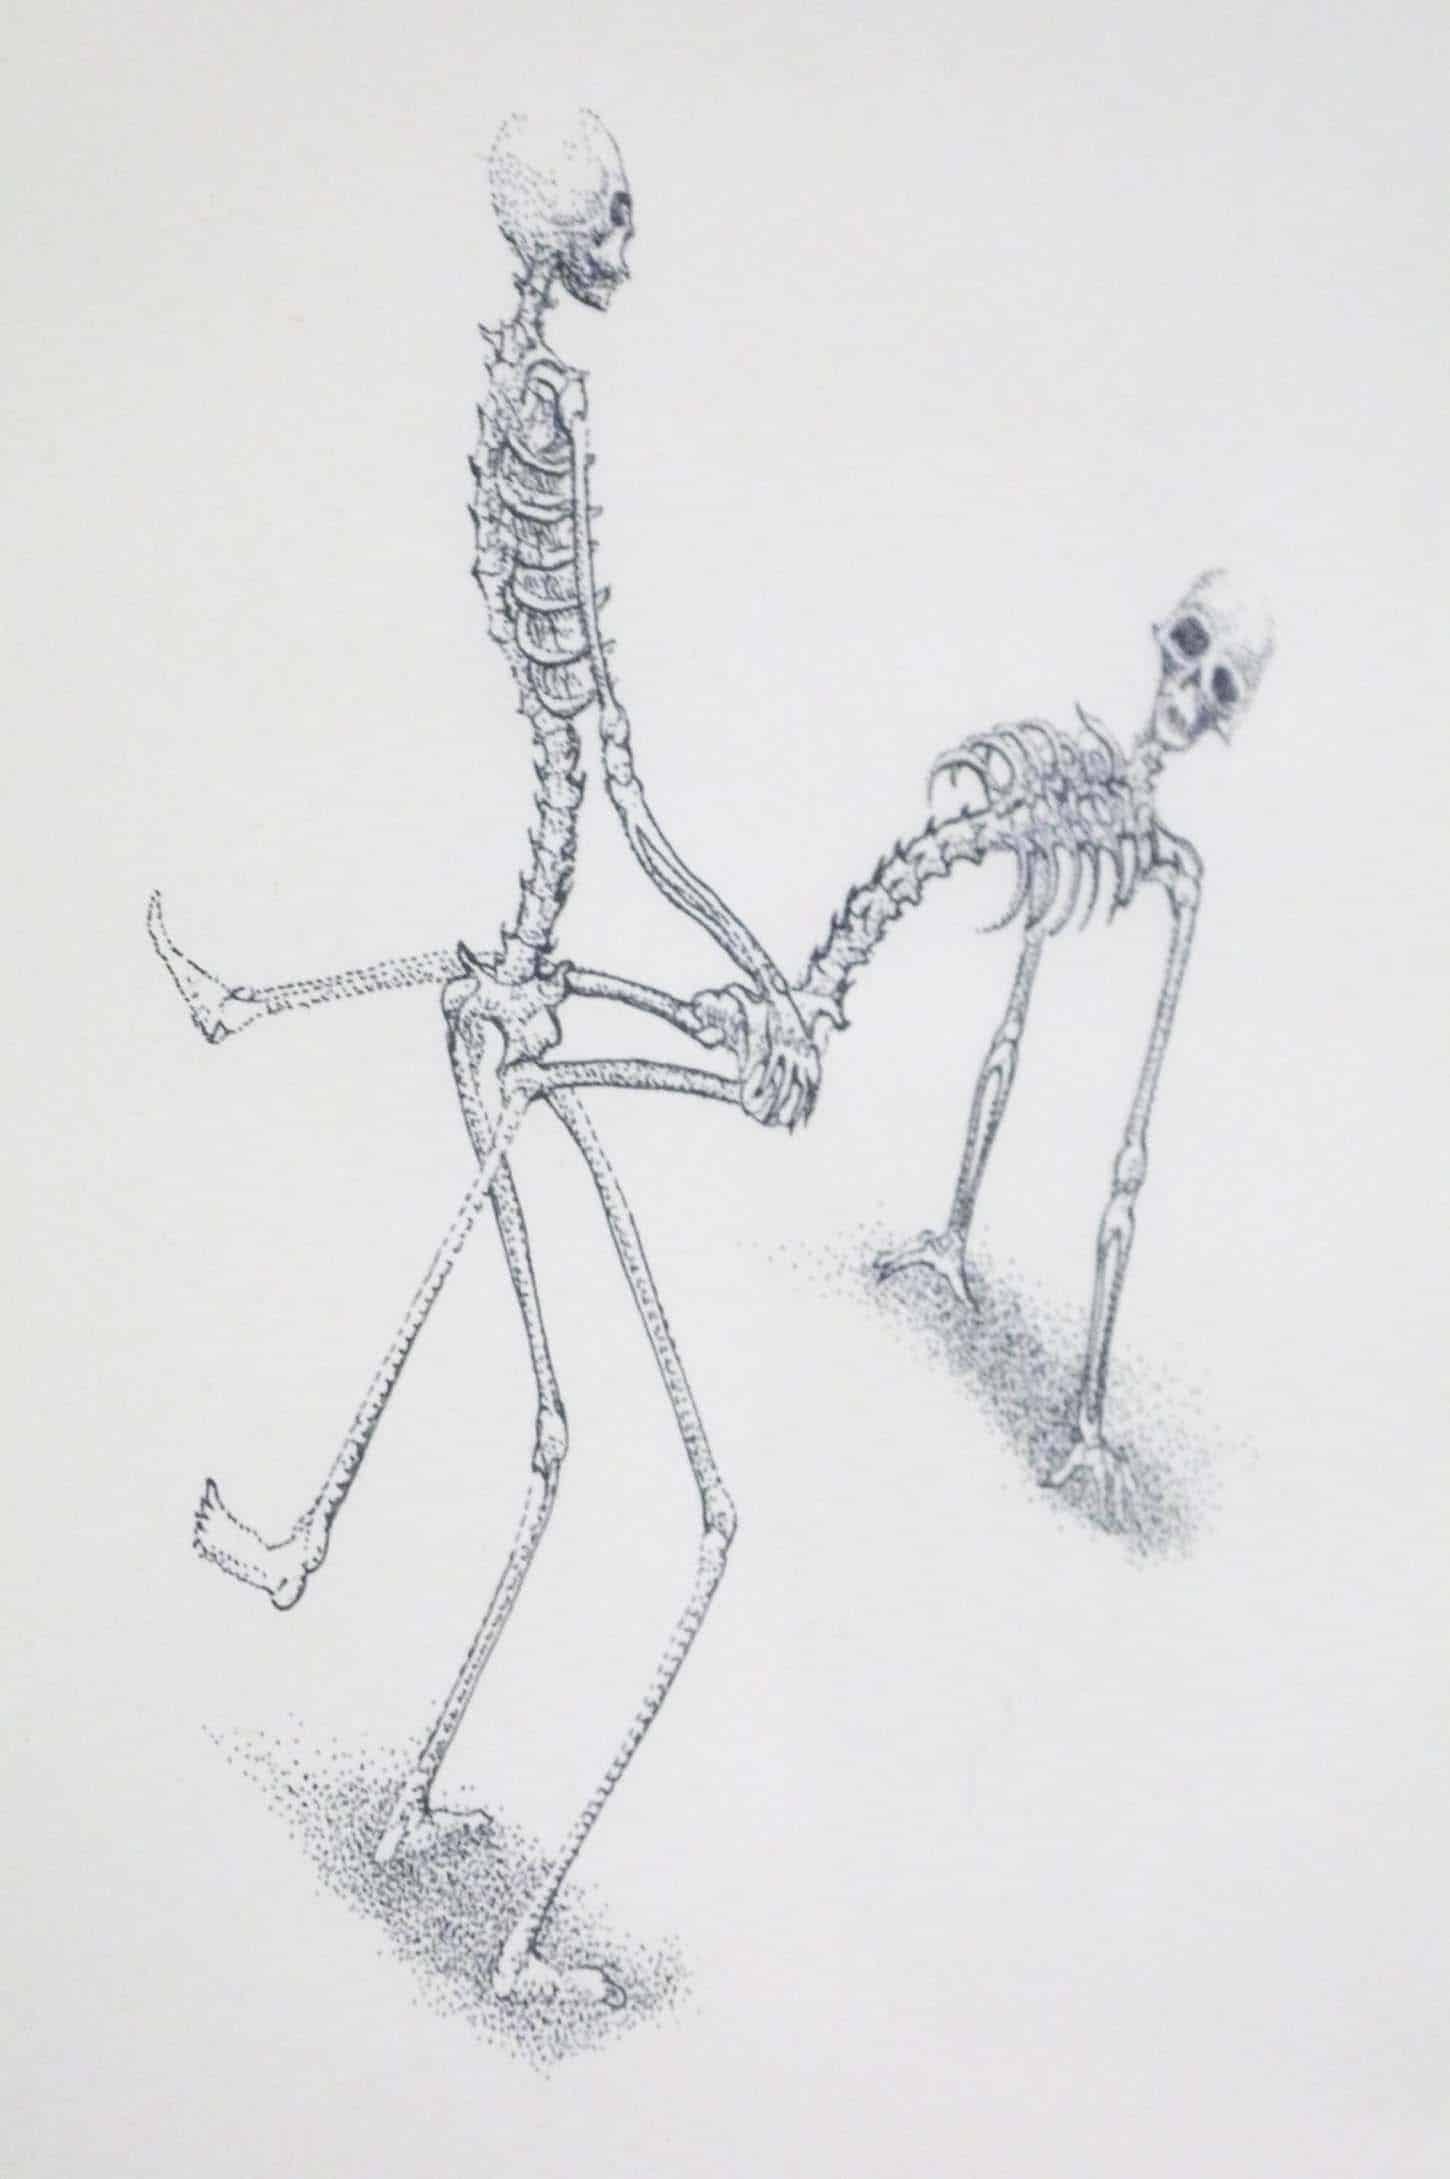 Thierry agnone,Dessin 2004 (détail), Rotring 0,1 (encre Rotring) sur papier, 24 x 38 cm